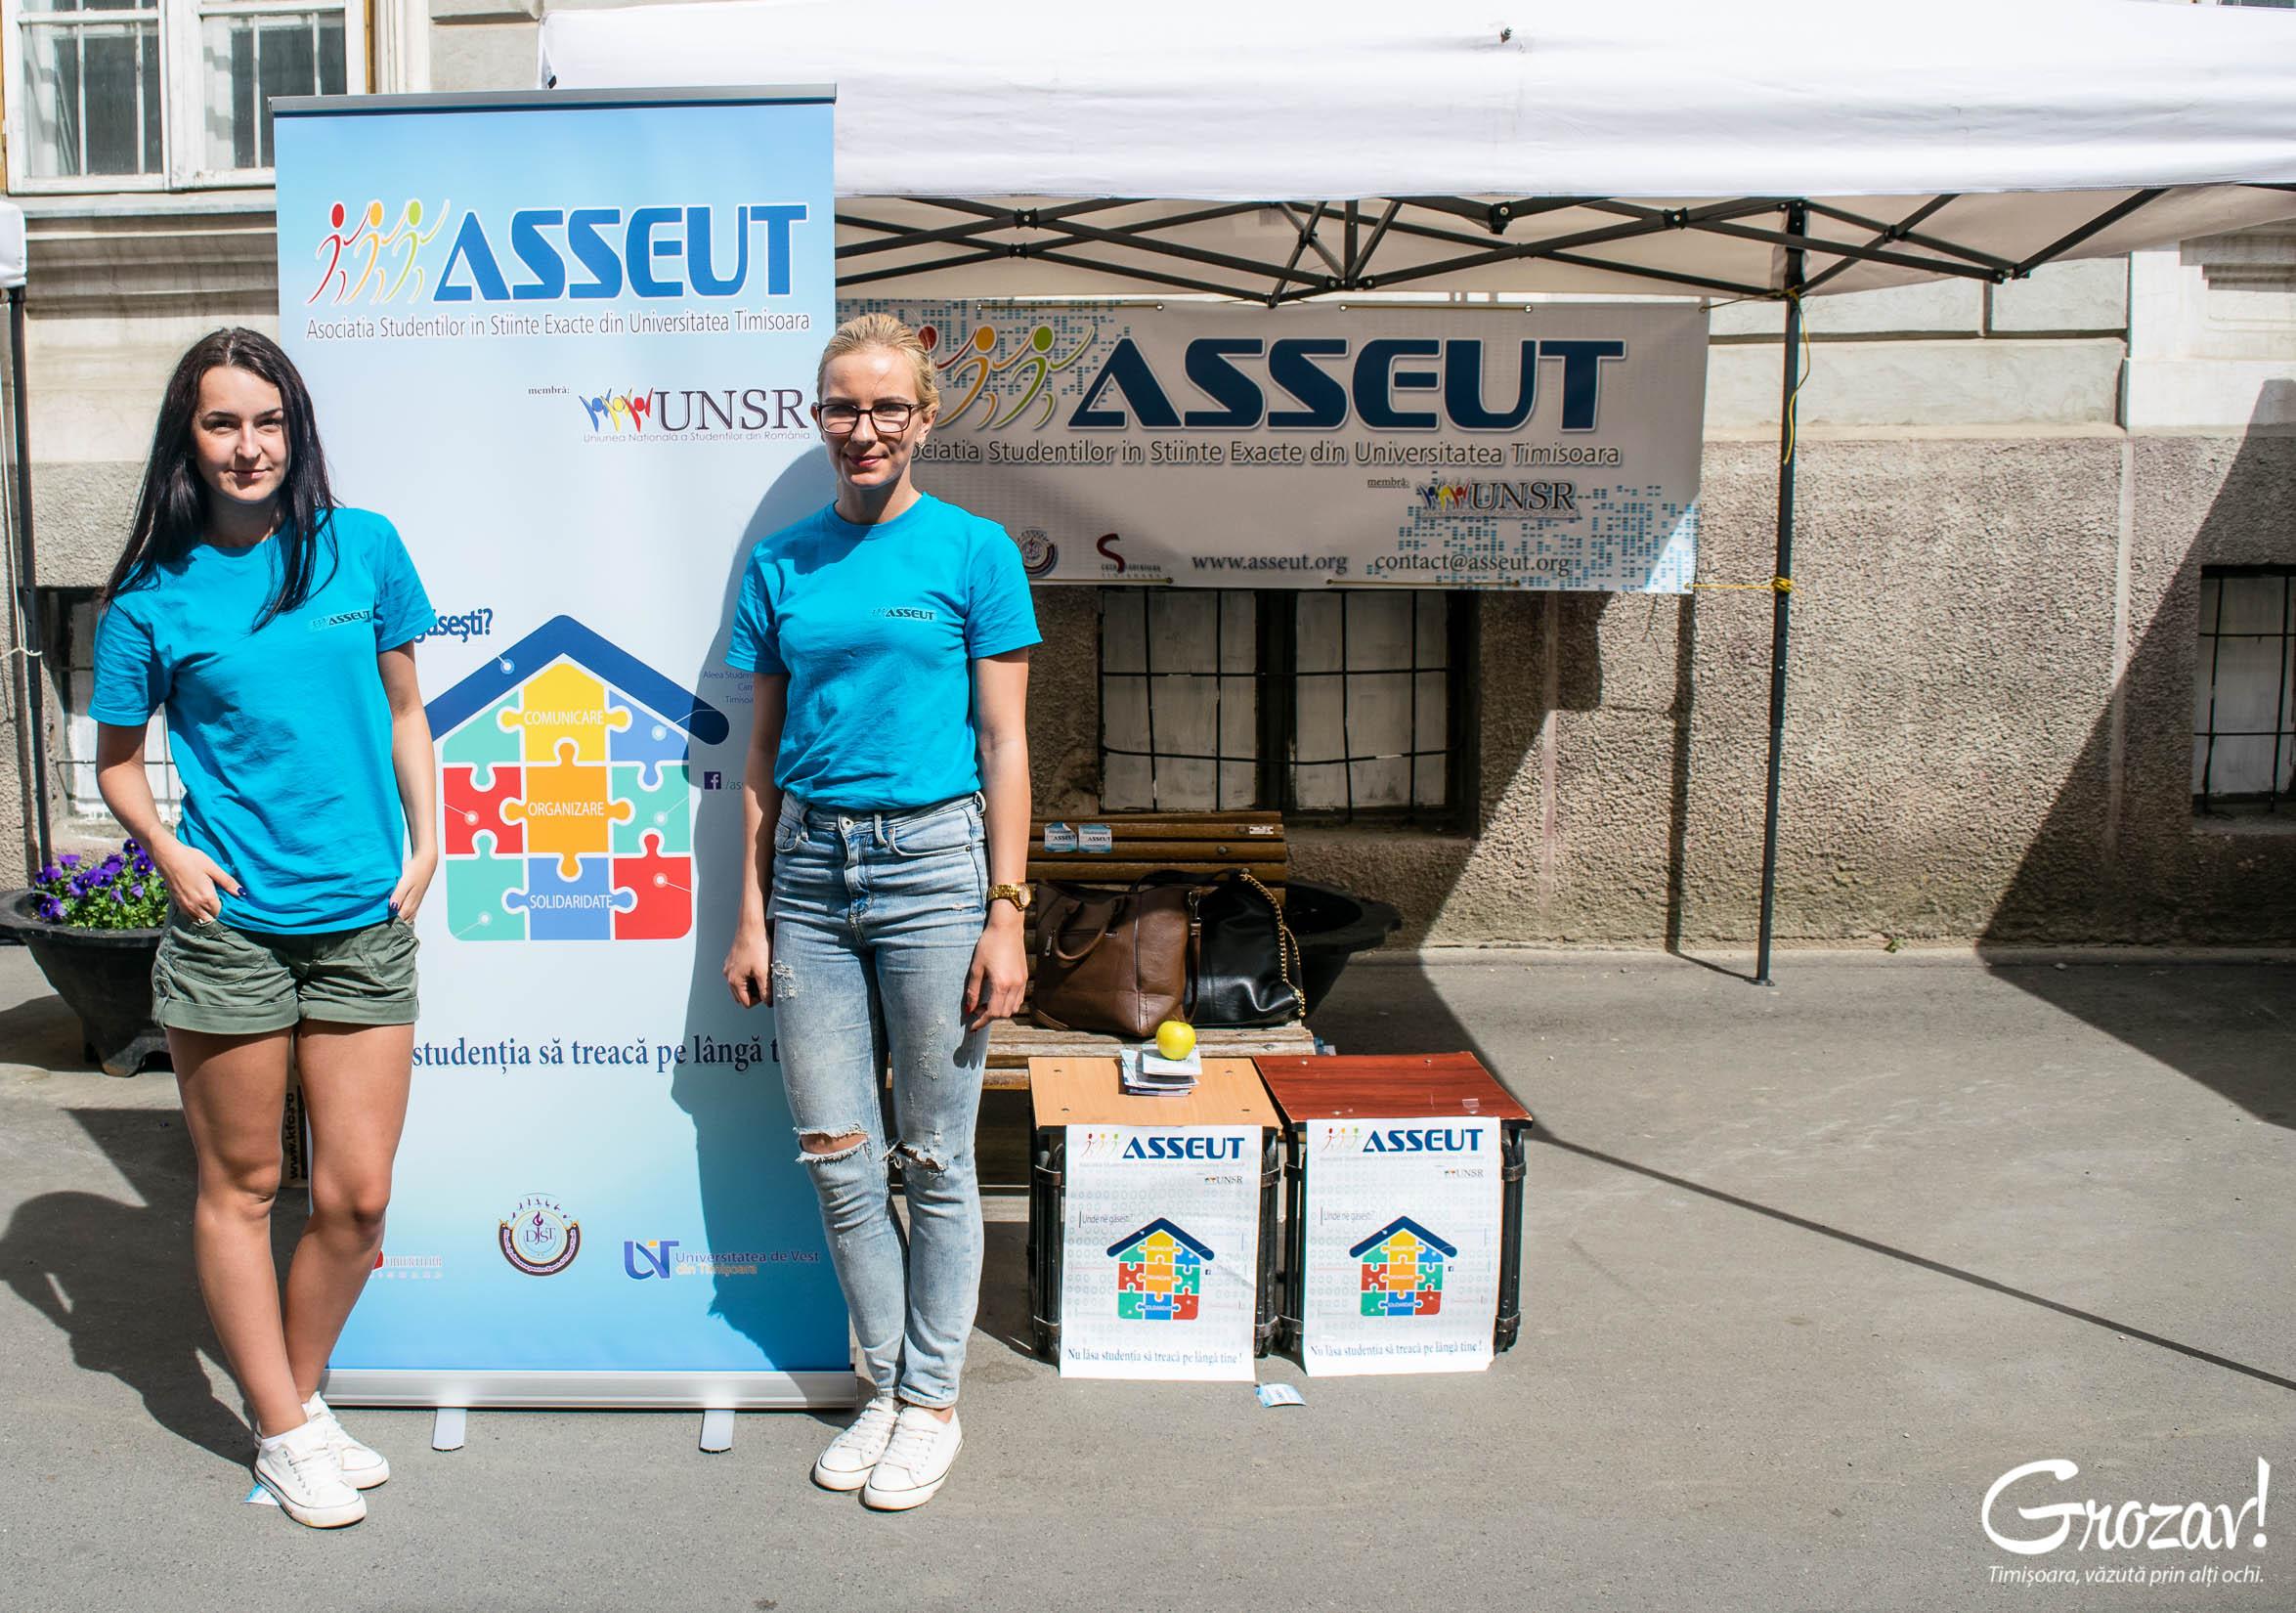 ASSEUT Timisoara Targul ONG-urilor grozav